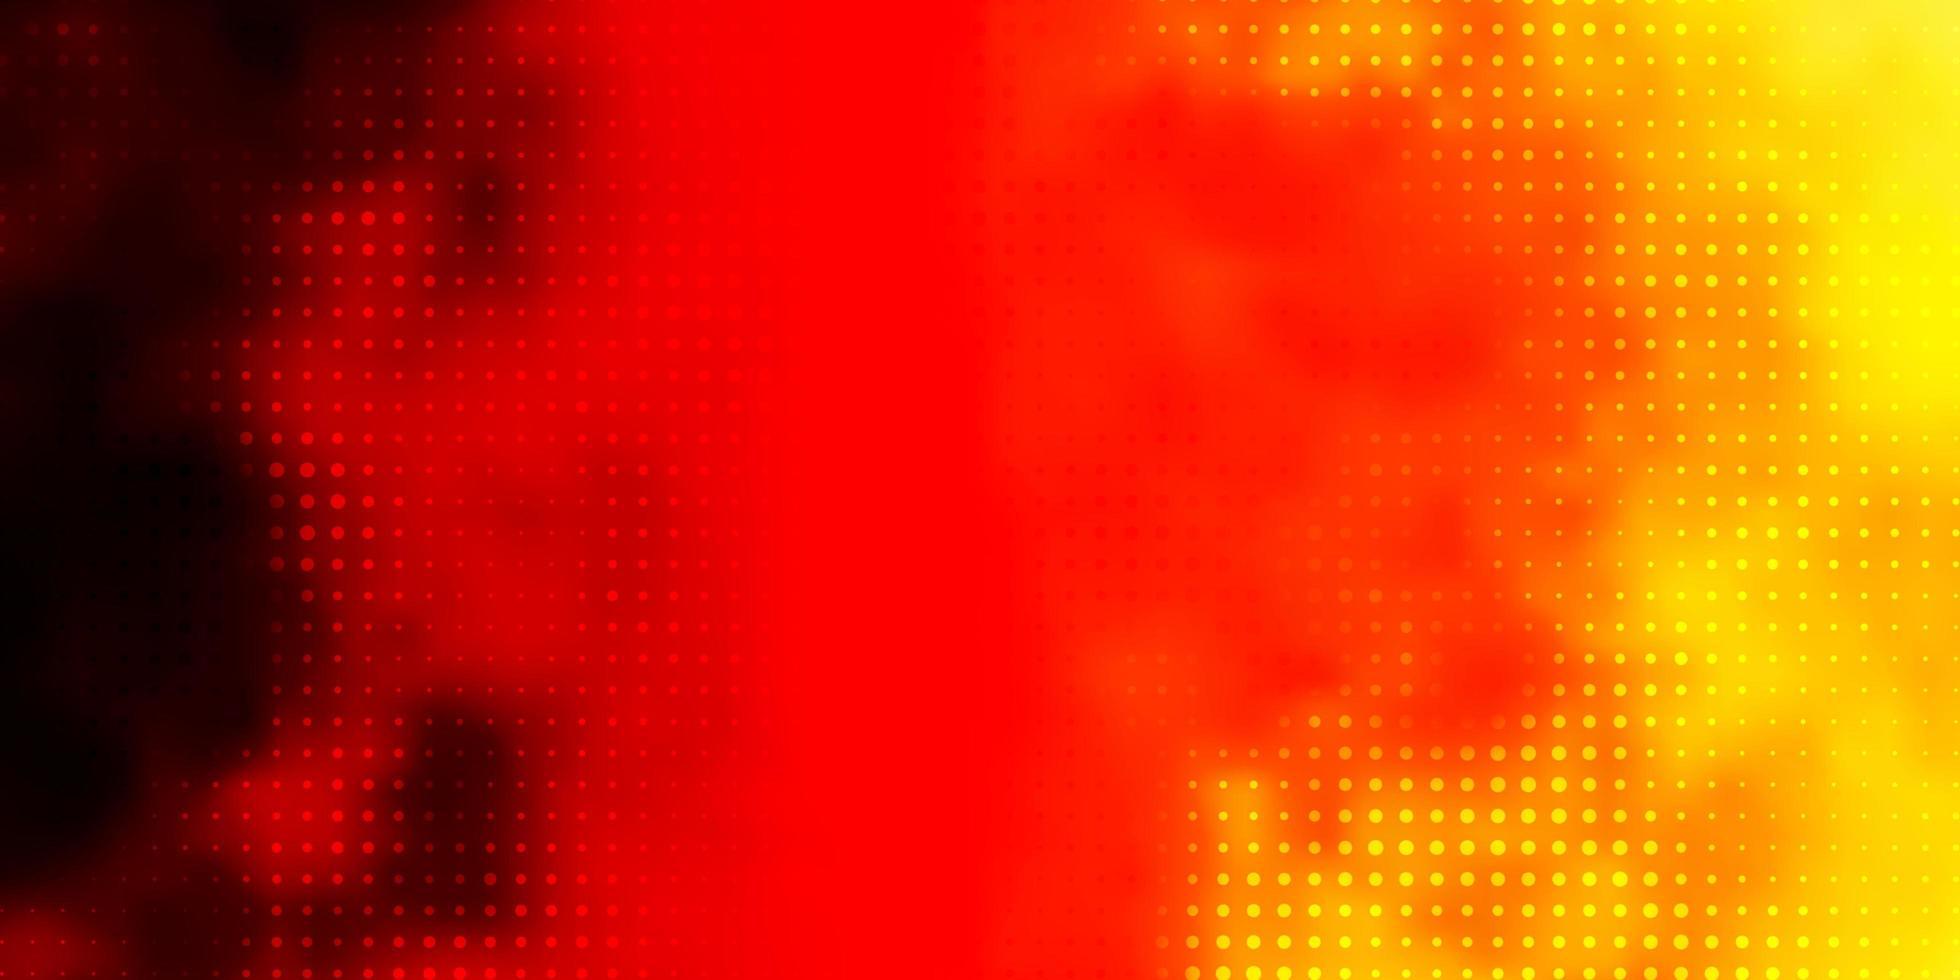 sfondo vettoriale rosso chiaro, giallo con cerchi.